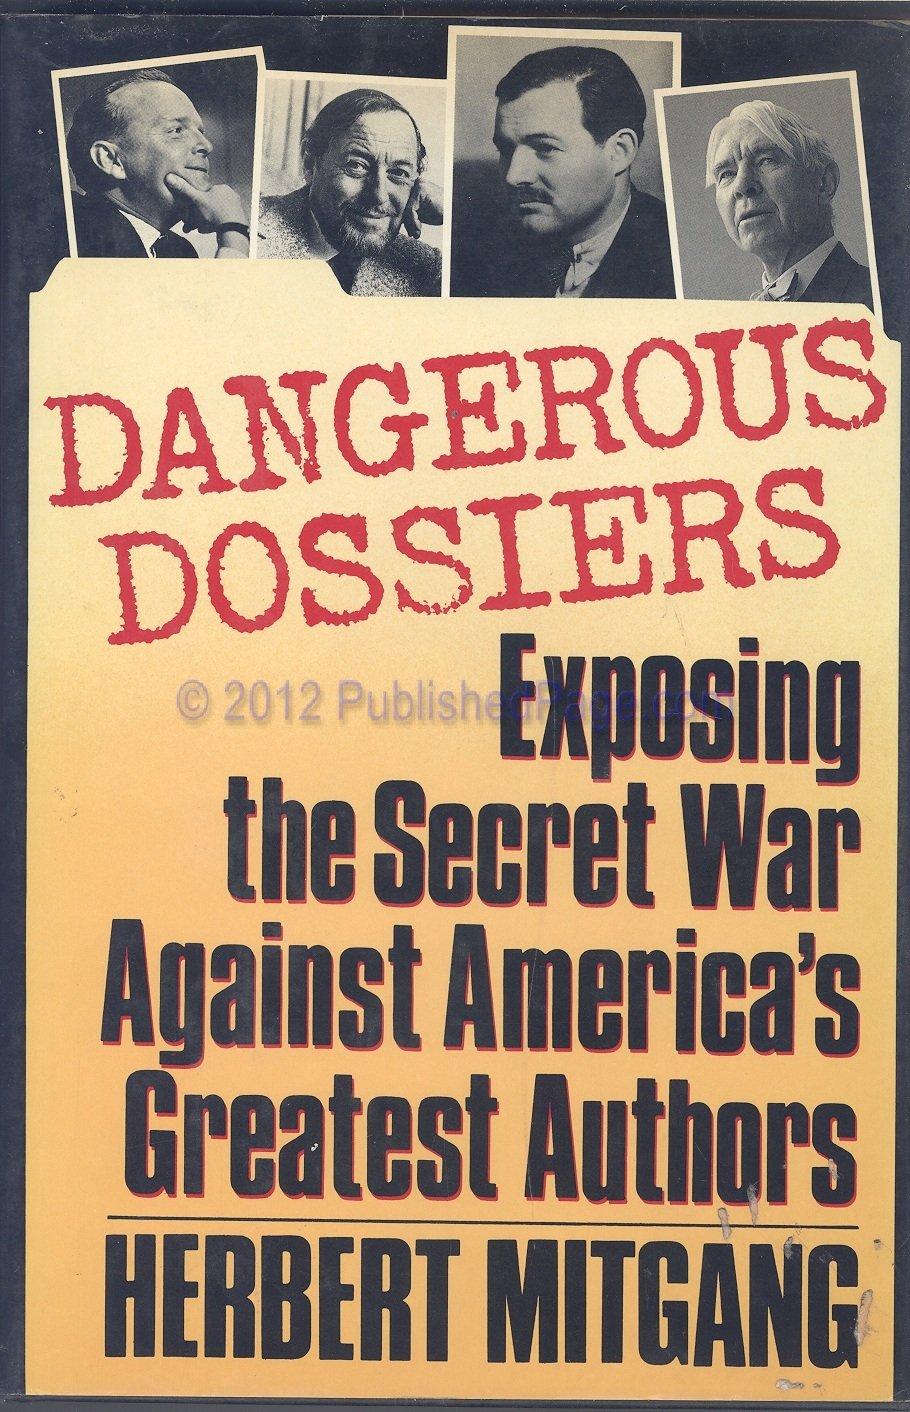 Dangerous Dossiers, Mitgang, Herbert